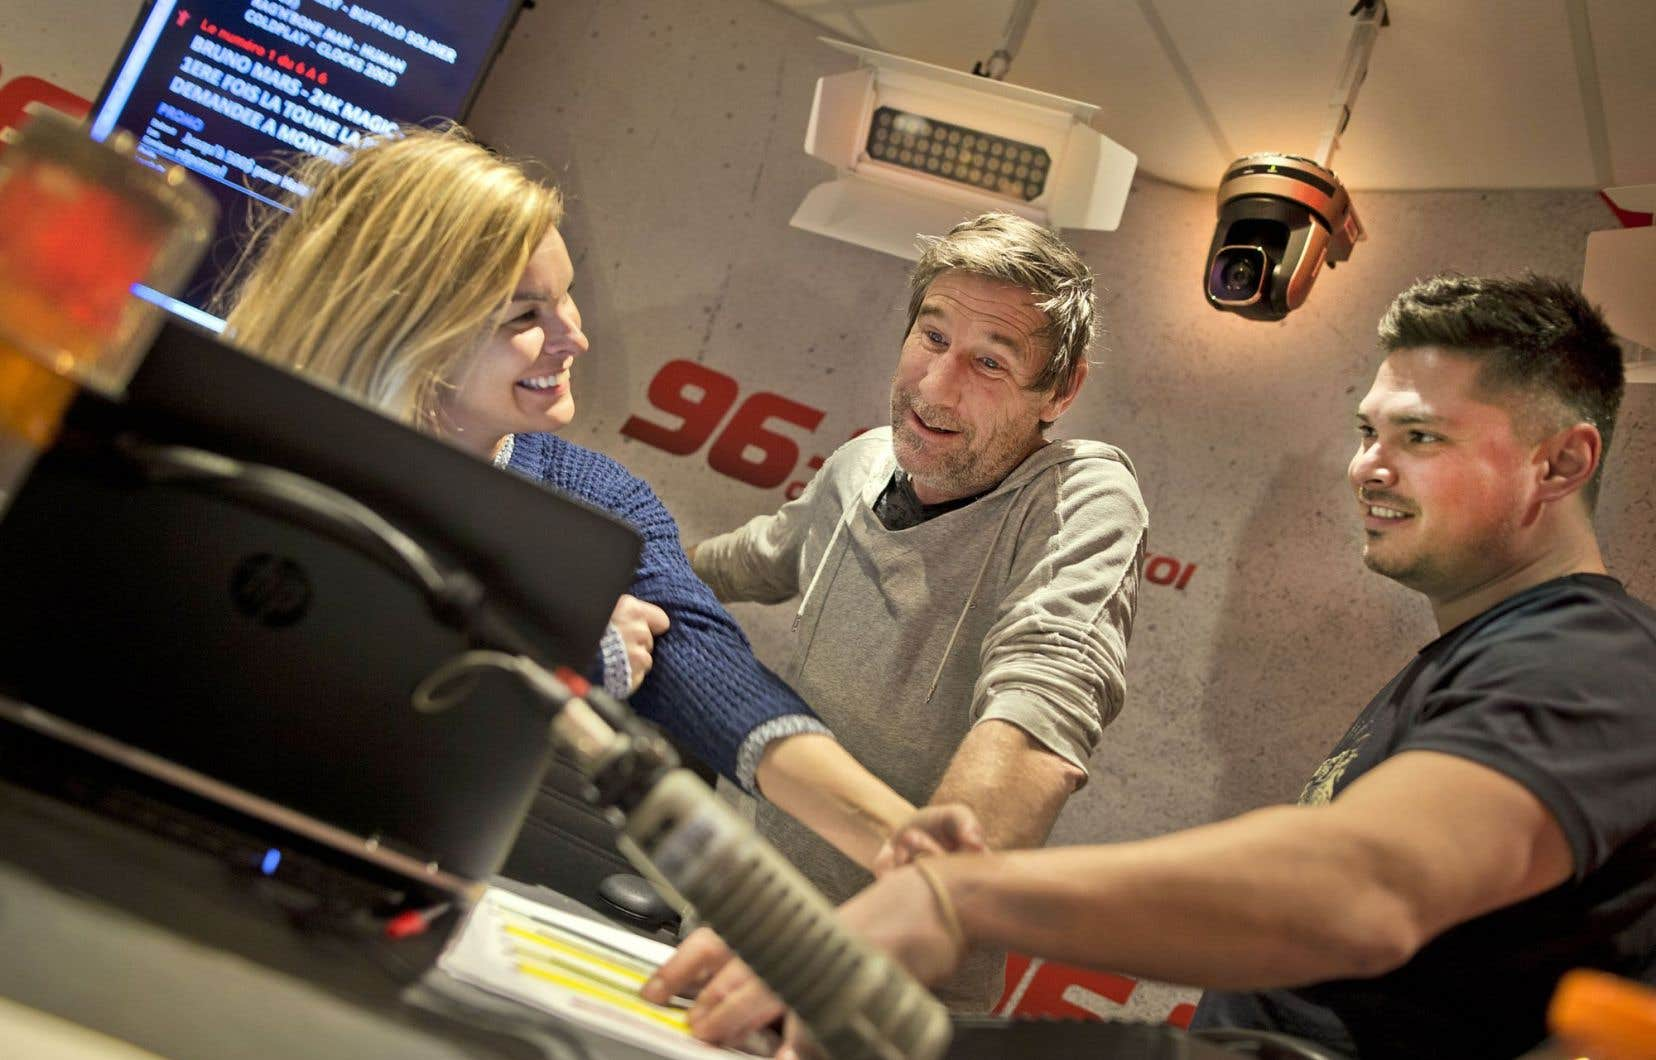 Les poids lourds du retour, à CKOI, expérimentent l'équipement de la compagnie française Multicam Radio, unique en Amérique du Nord.